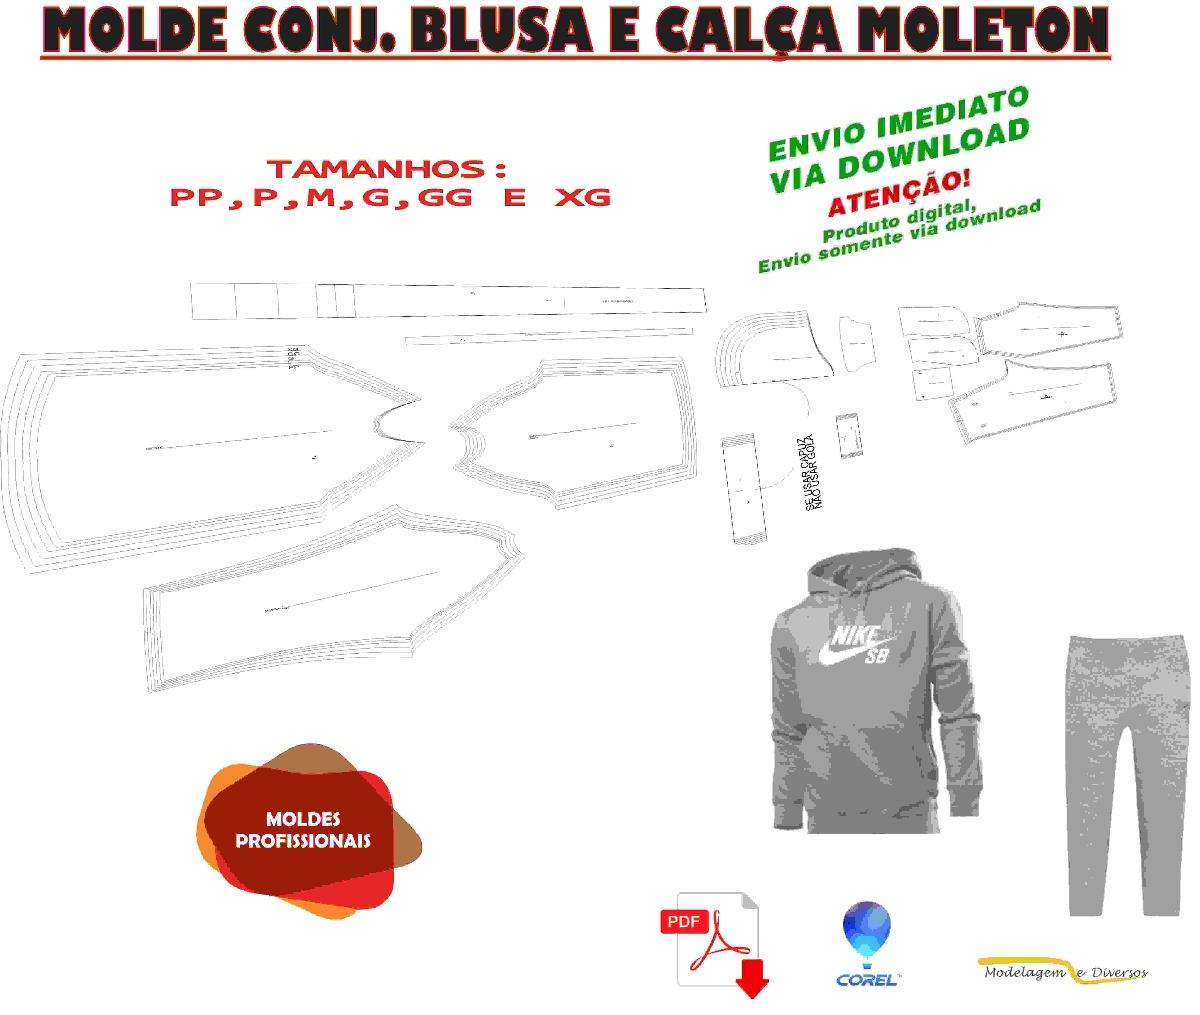 d149c99faef11 Molde Conj. Calça E Blusa Moleton Pp Ao Xg Em Corel E Pdf - R  22